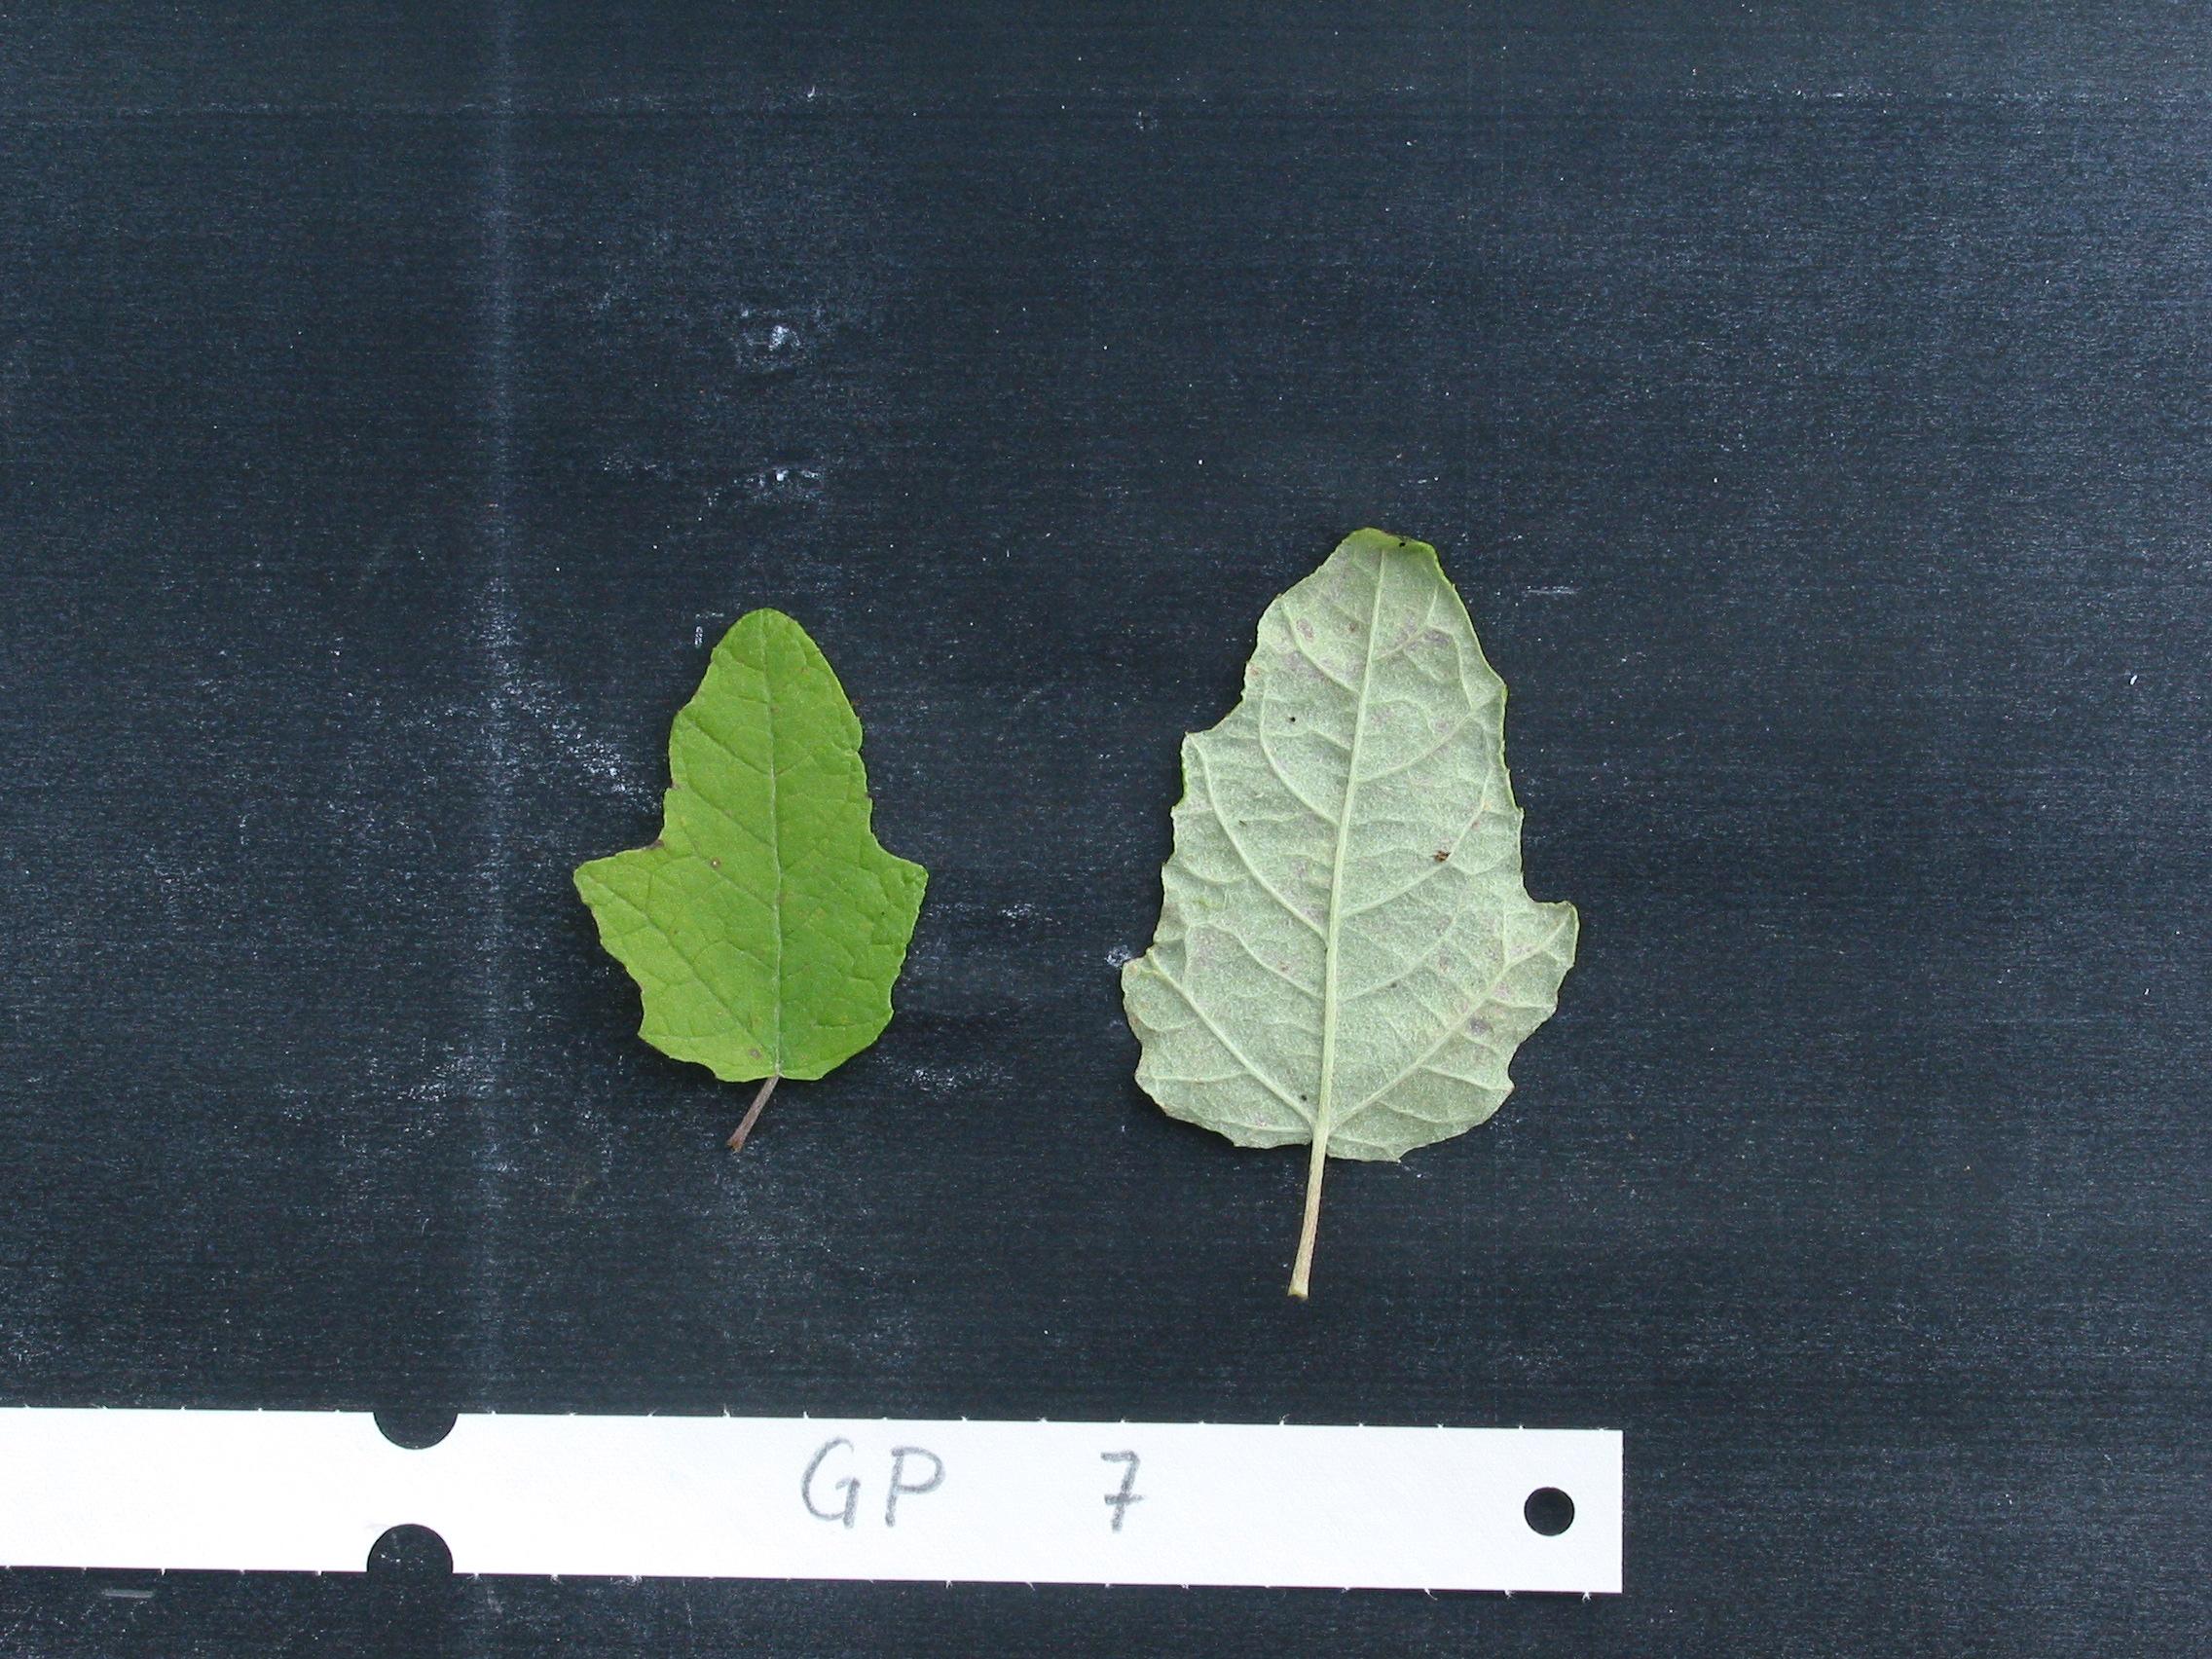 verschiedene Blätter von Pappeln